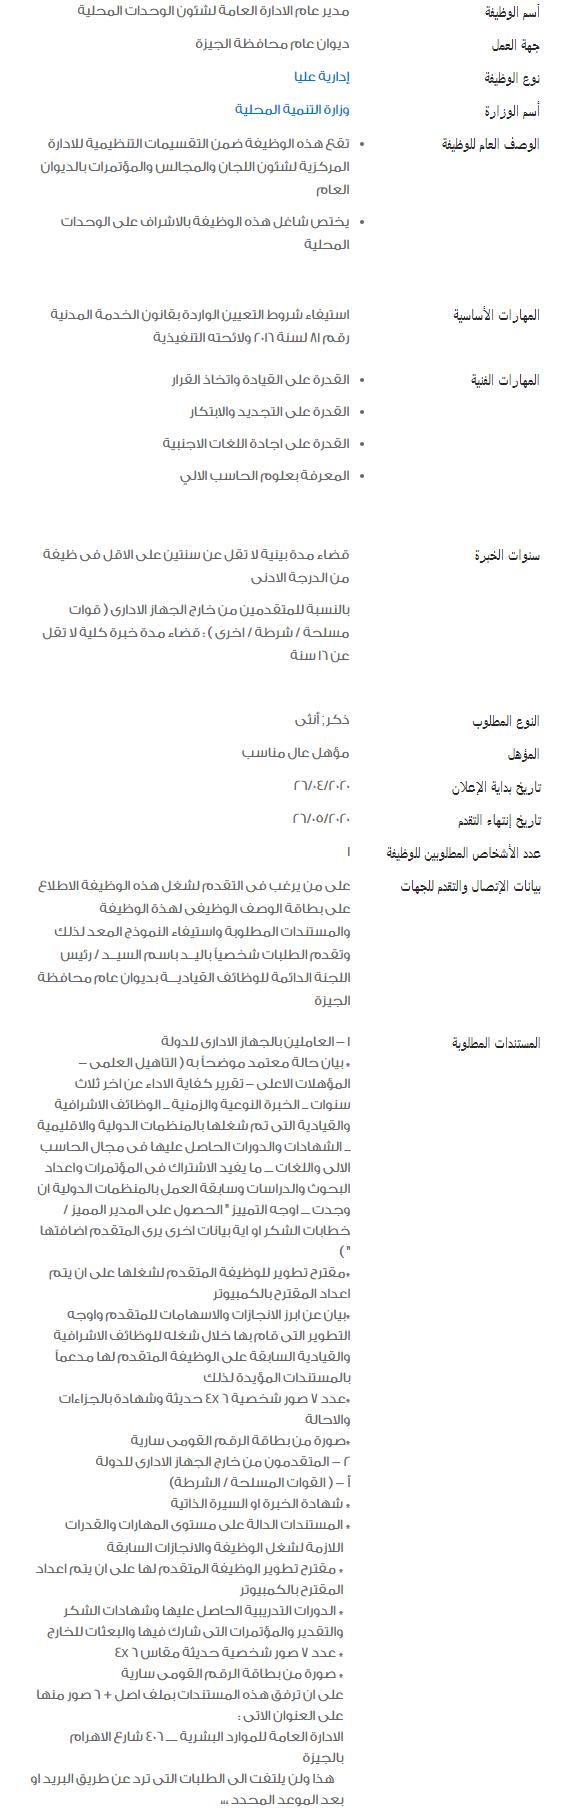 وظائف الحكومة المصرية لشهر مايو 2020 8